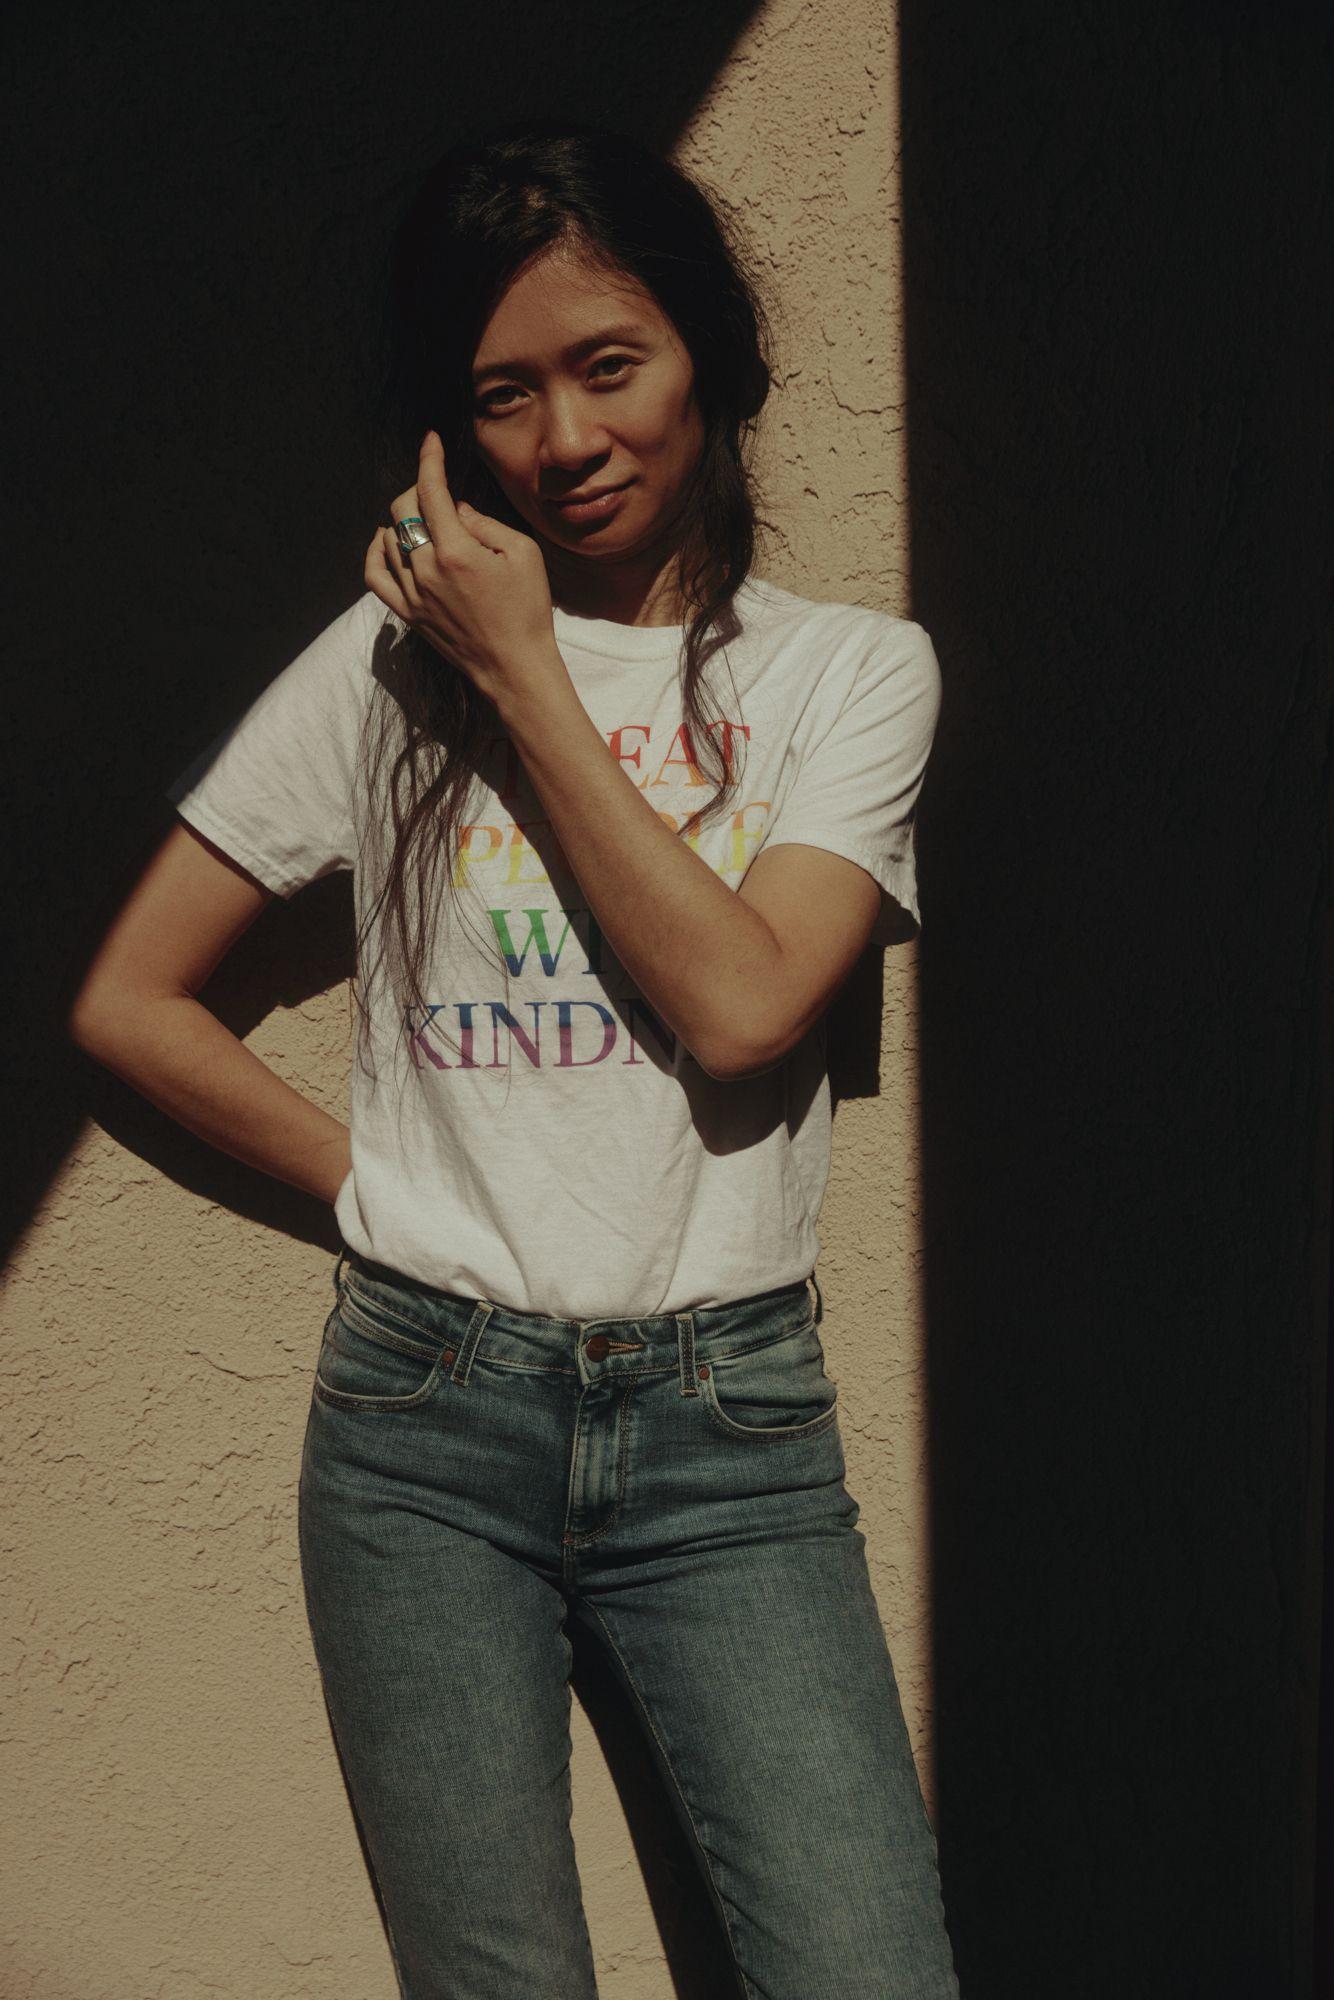 金球獎首位亞洲女性「最佳導演」,《游牧人生》導演趙婷獨家分享 3 個成功心法